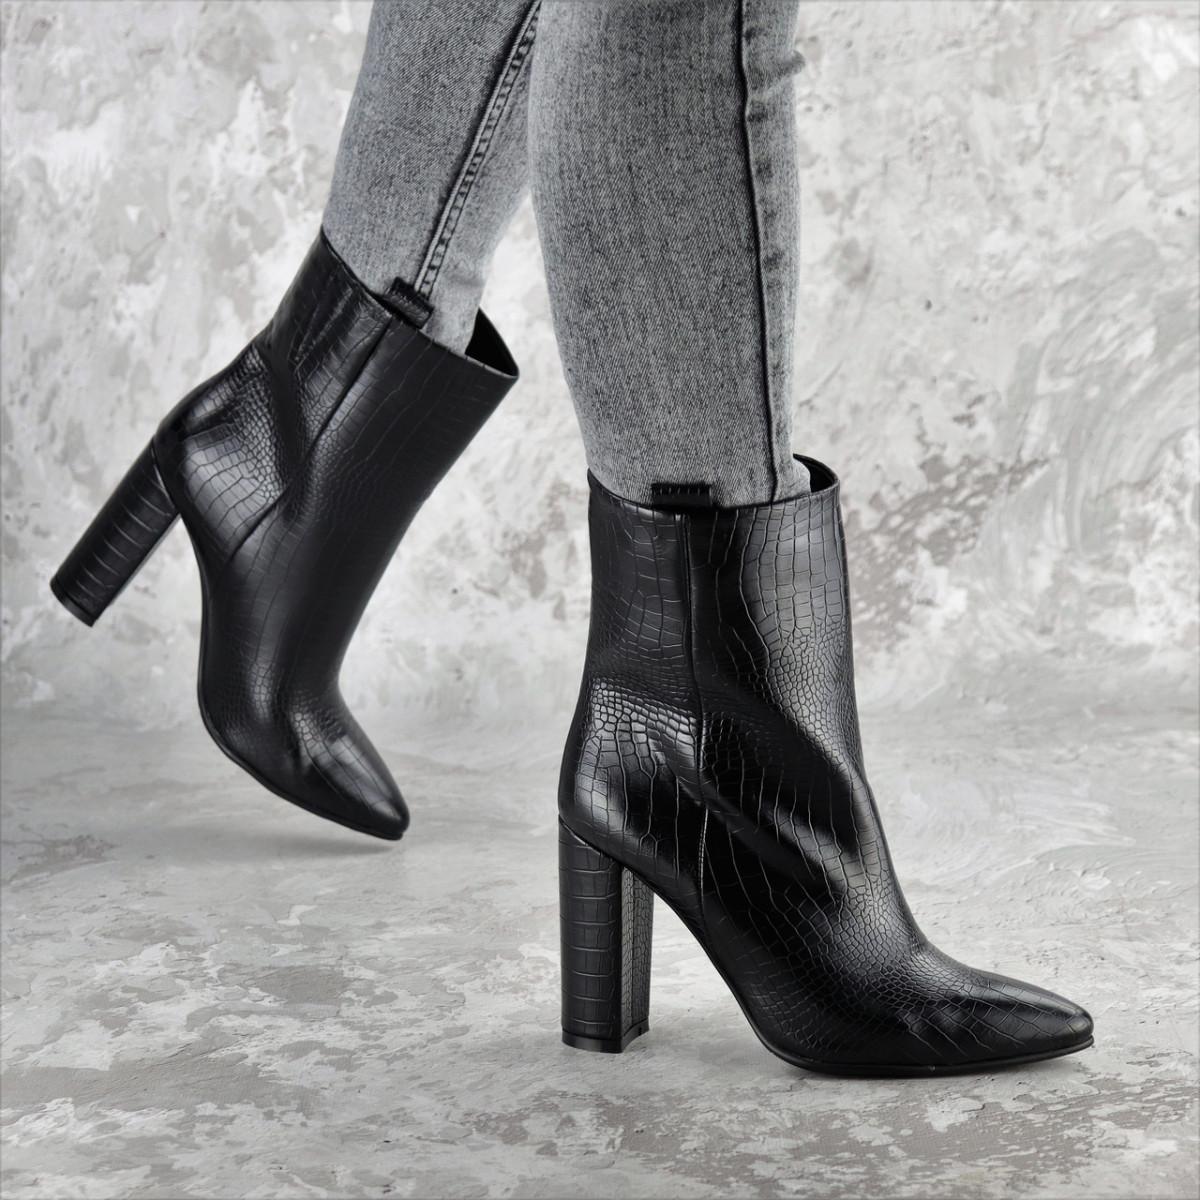 Ботинки женские на каблуке Fashion Magintey 2369 35 размер 23 см Черный